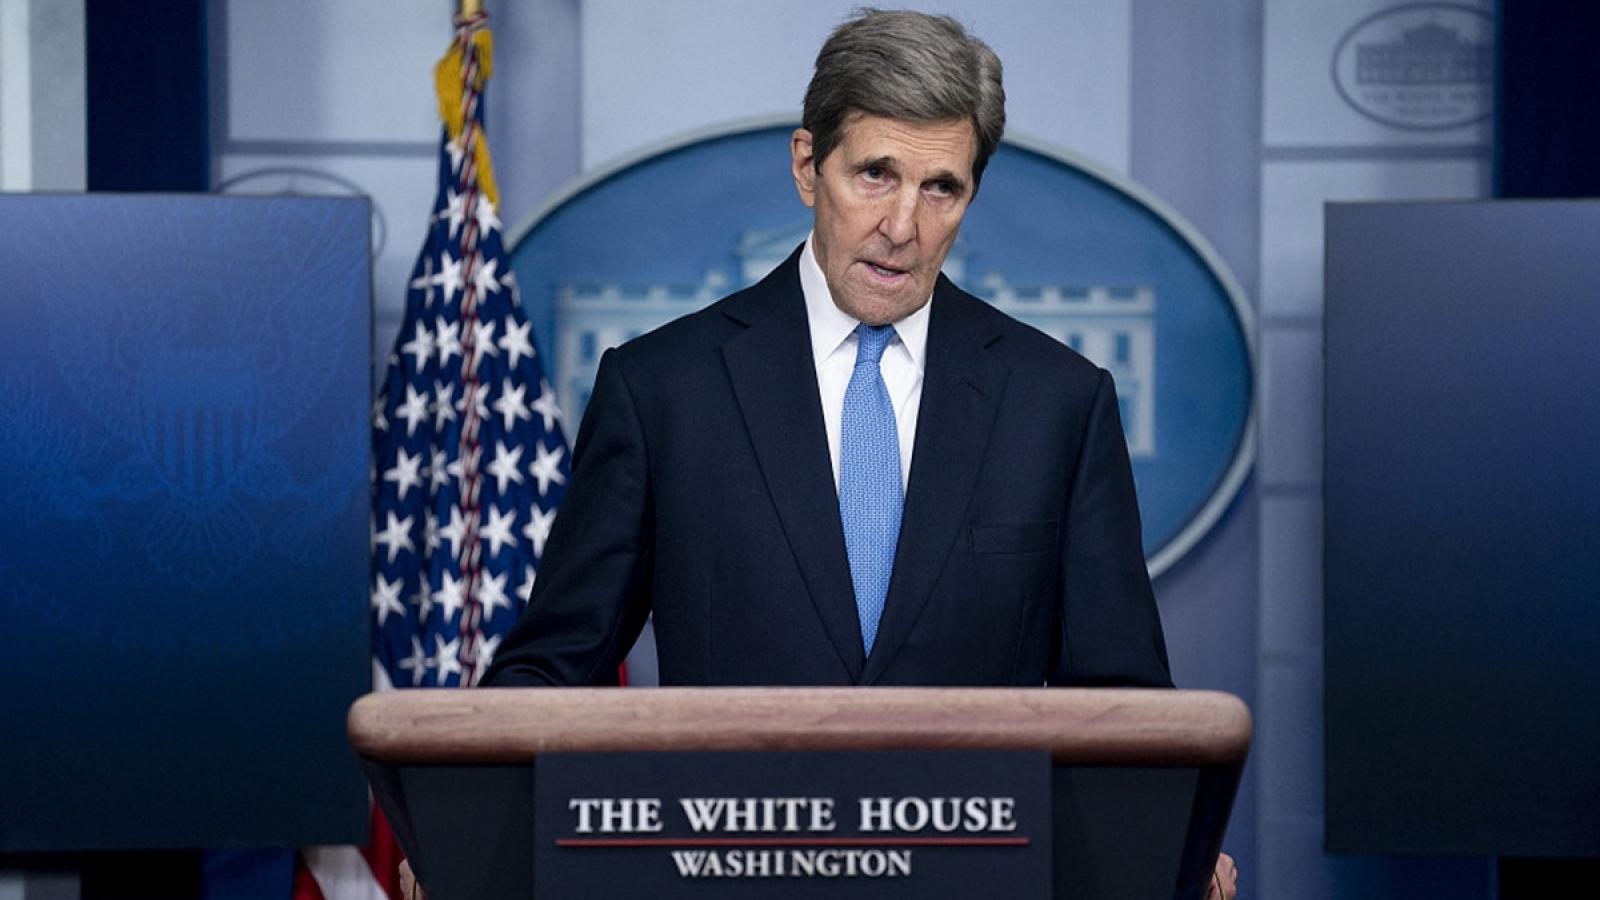 Đặc phái viên về khí hậu của Tổng thống Biden thăm Trung Quốc và Hàn Quốc